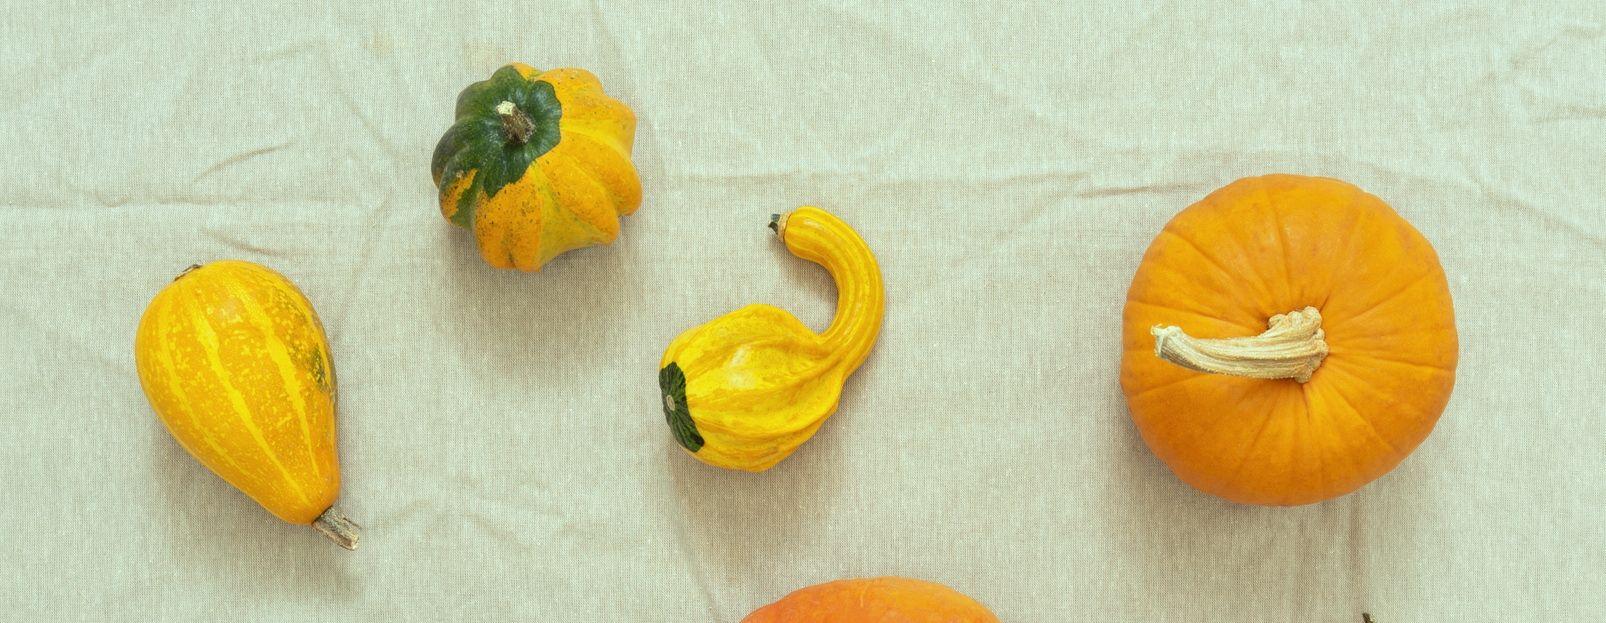 12 increíbles beneficios de las semillas de calabaza para la salud - Featured image